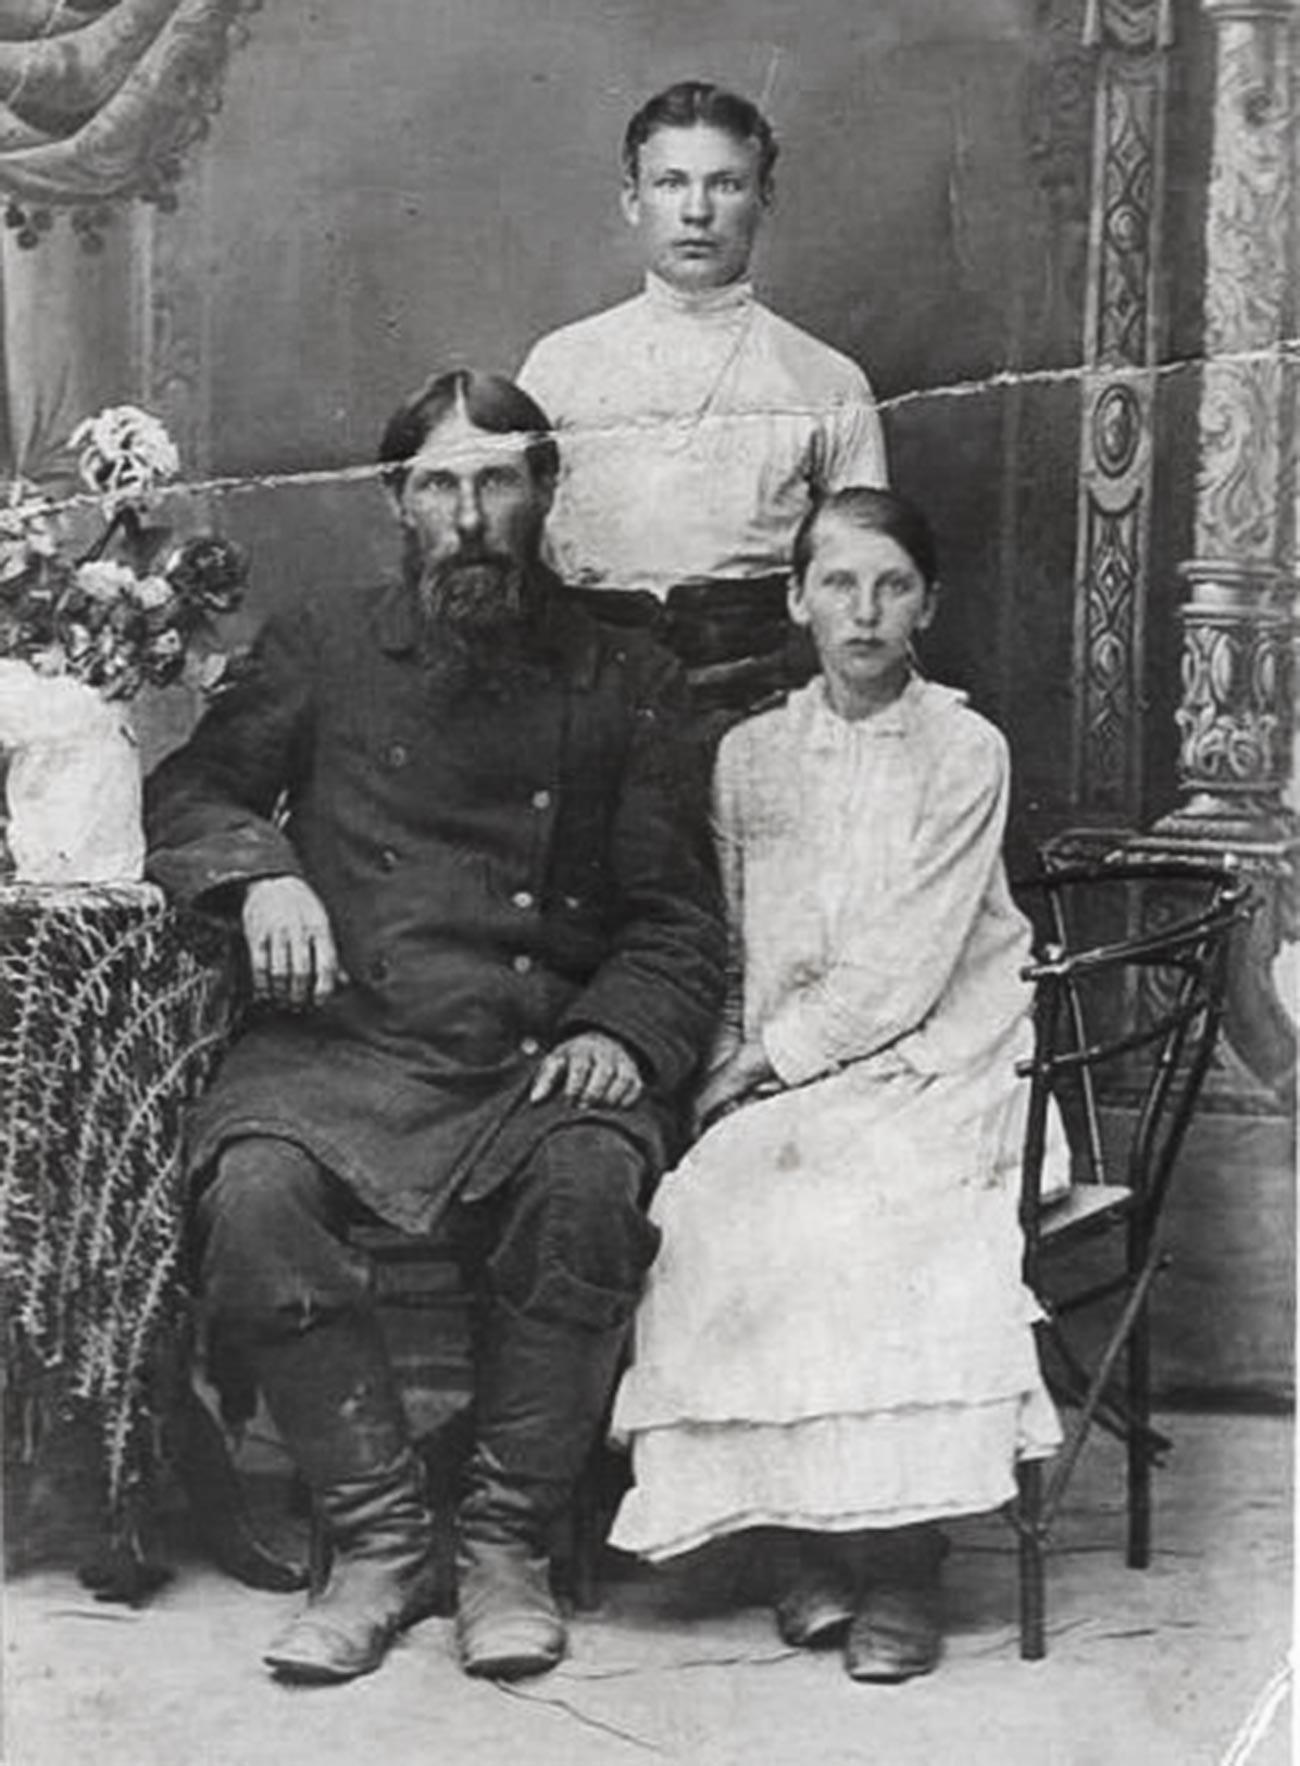 """Foto orang tak dikenal yang dijual sebagai foto """"Rasputin dengan anak-anak""""."""